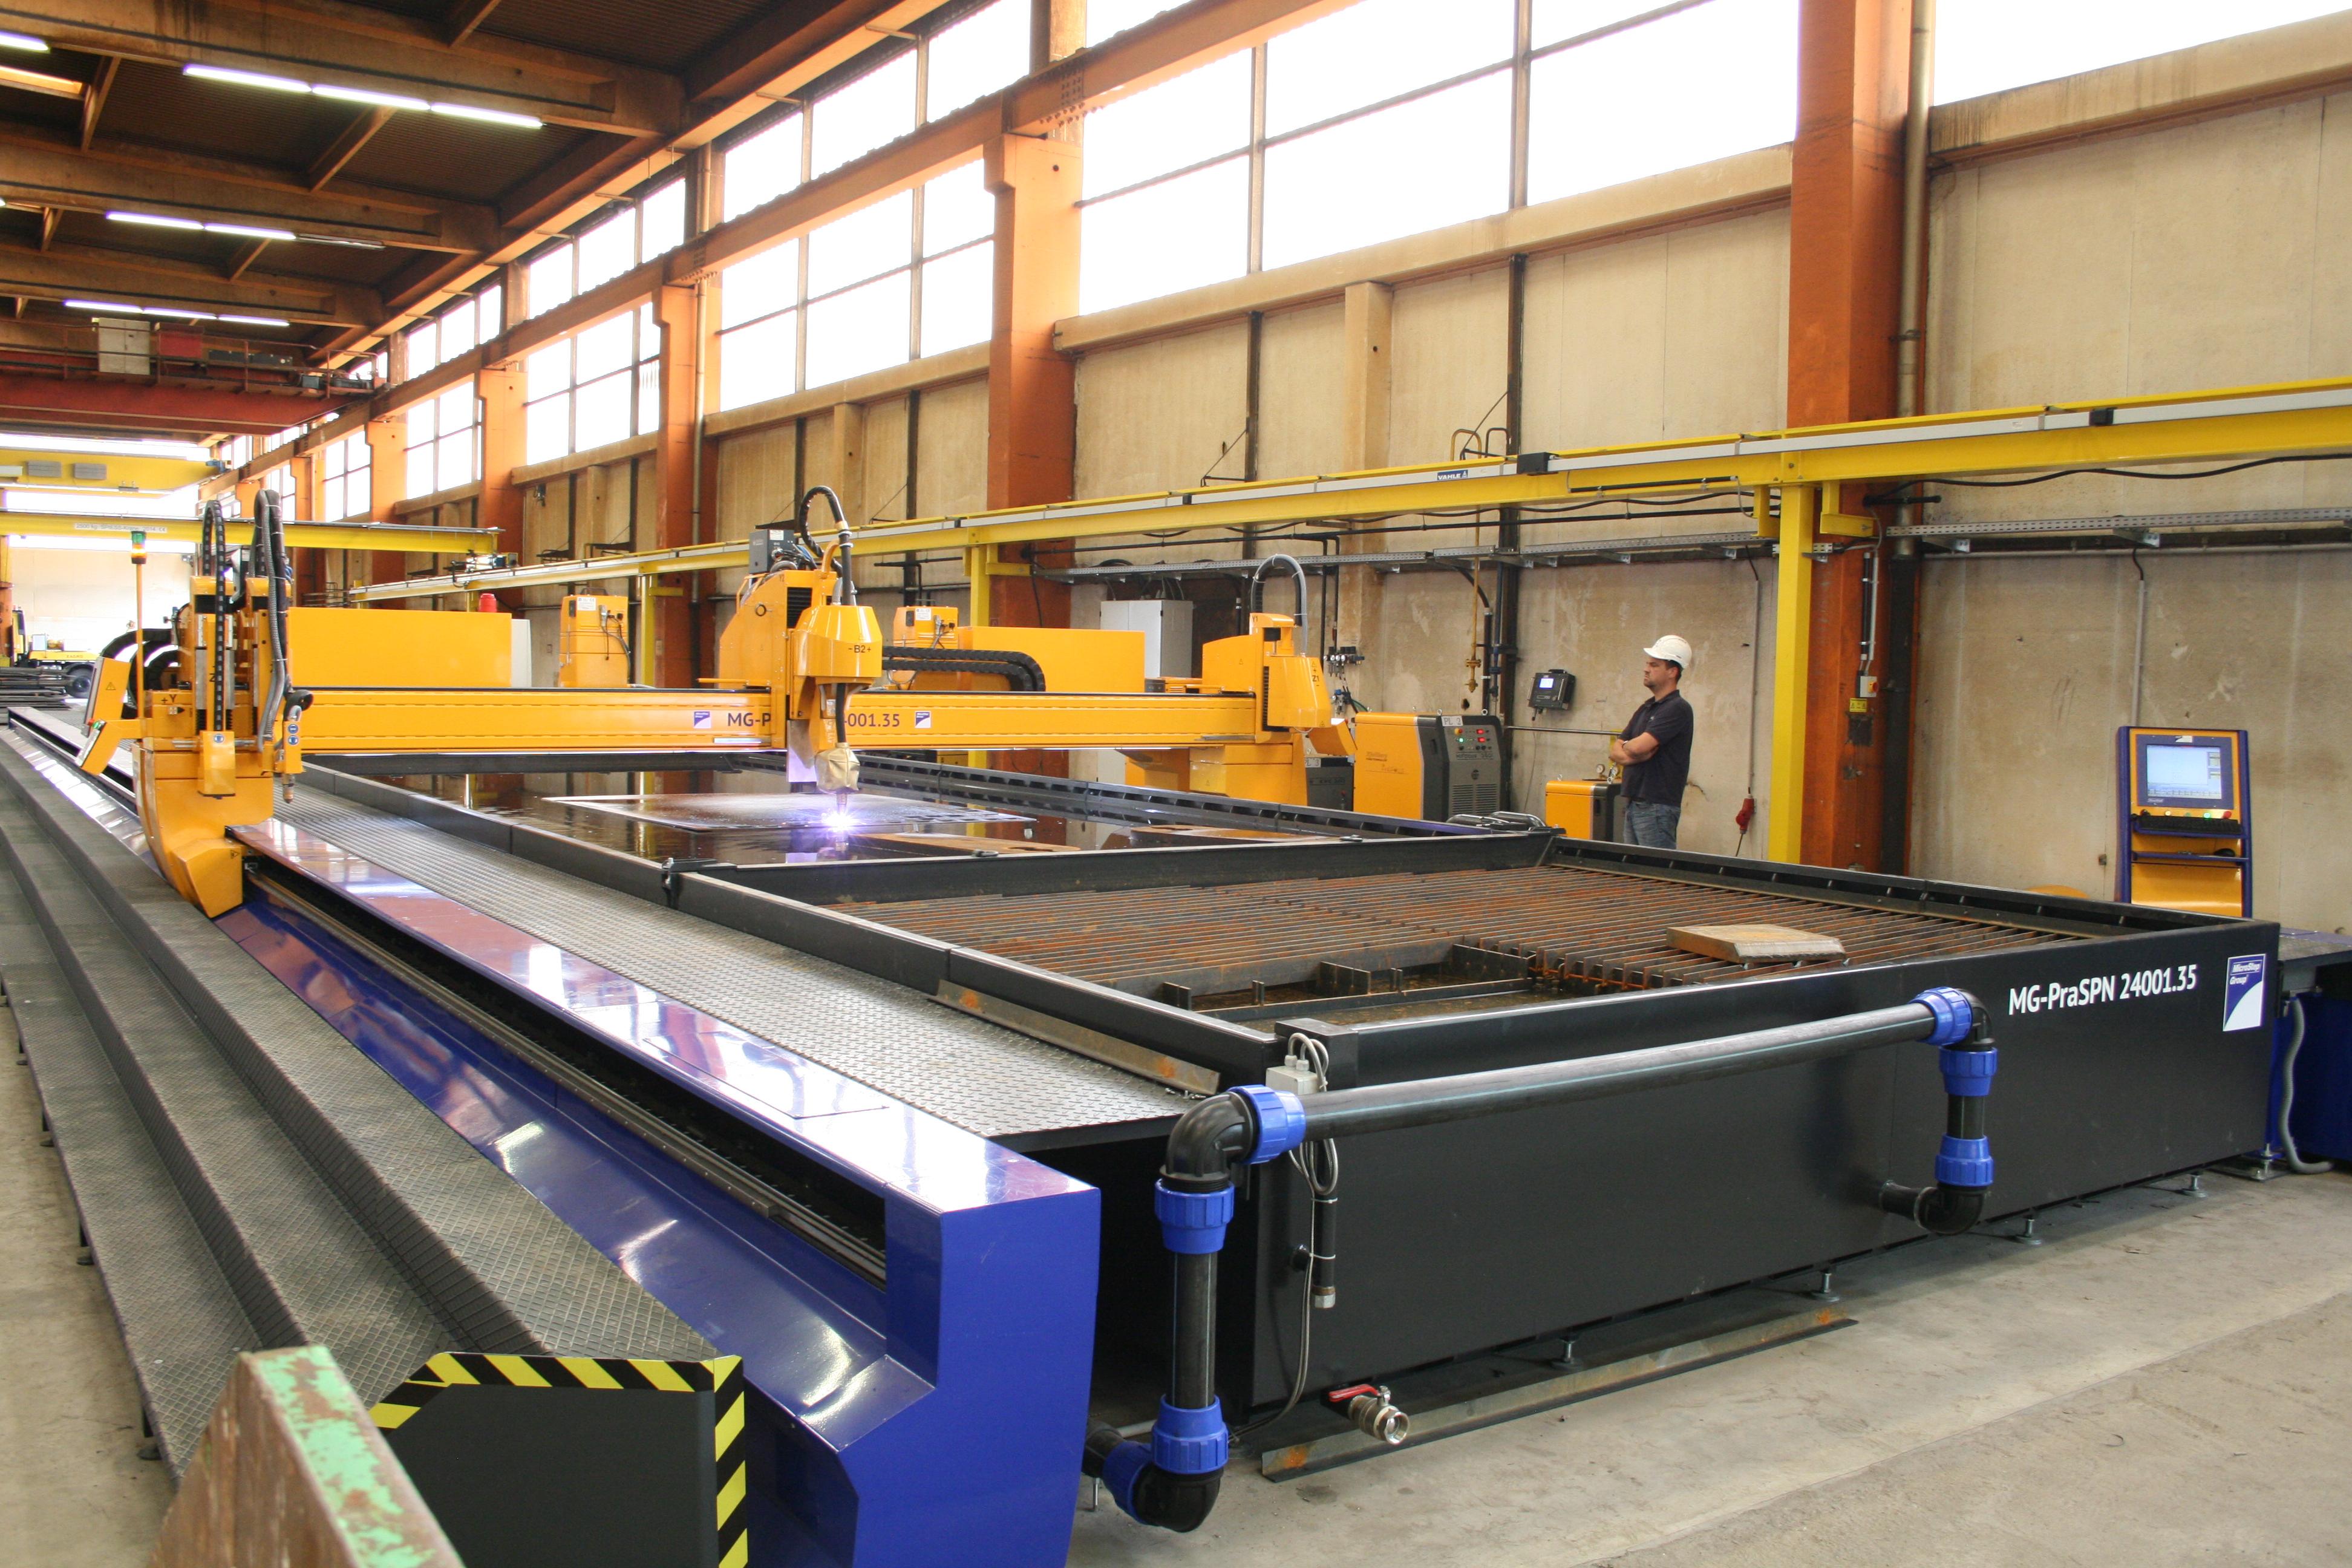 Ve�koform�tov� stroj s prac. plochou 24 x 3,5 m s plazmov�m rot�torom, mikro�derov�m popisova�om a ABP skenerom na dodato�n� �kosovanie � �peci�lne rie�enie s vodn�m stolom.